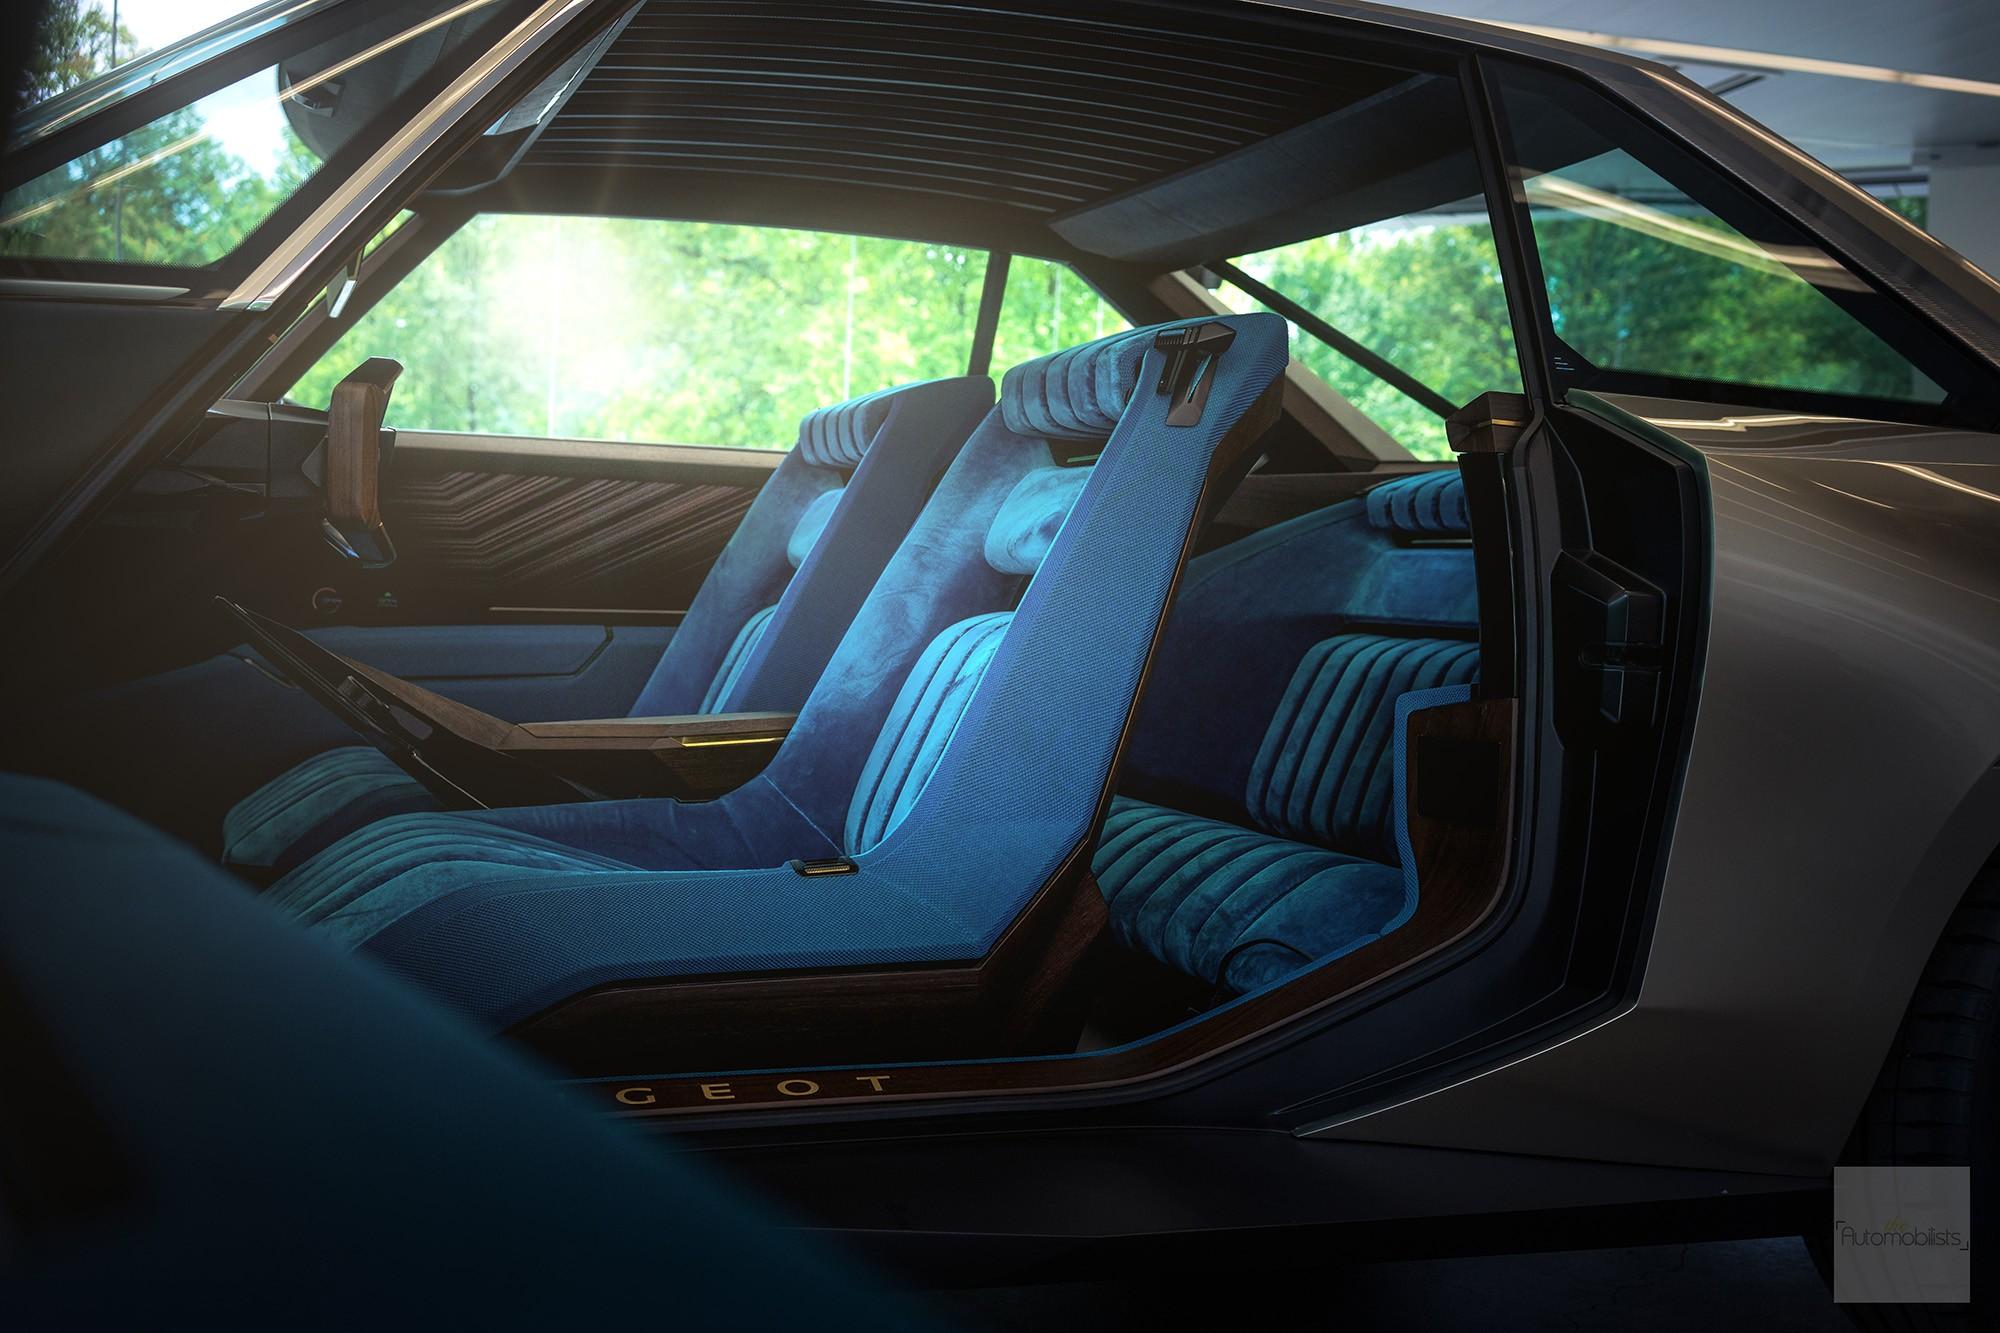 Peugeot P18 Paris Motor Show 2018 E Legend Concept Car vue interieure